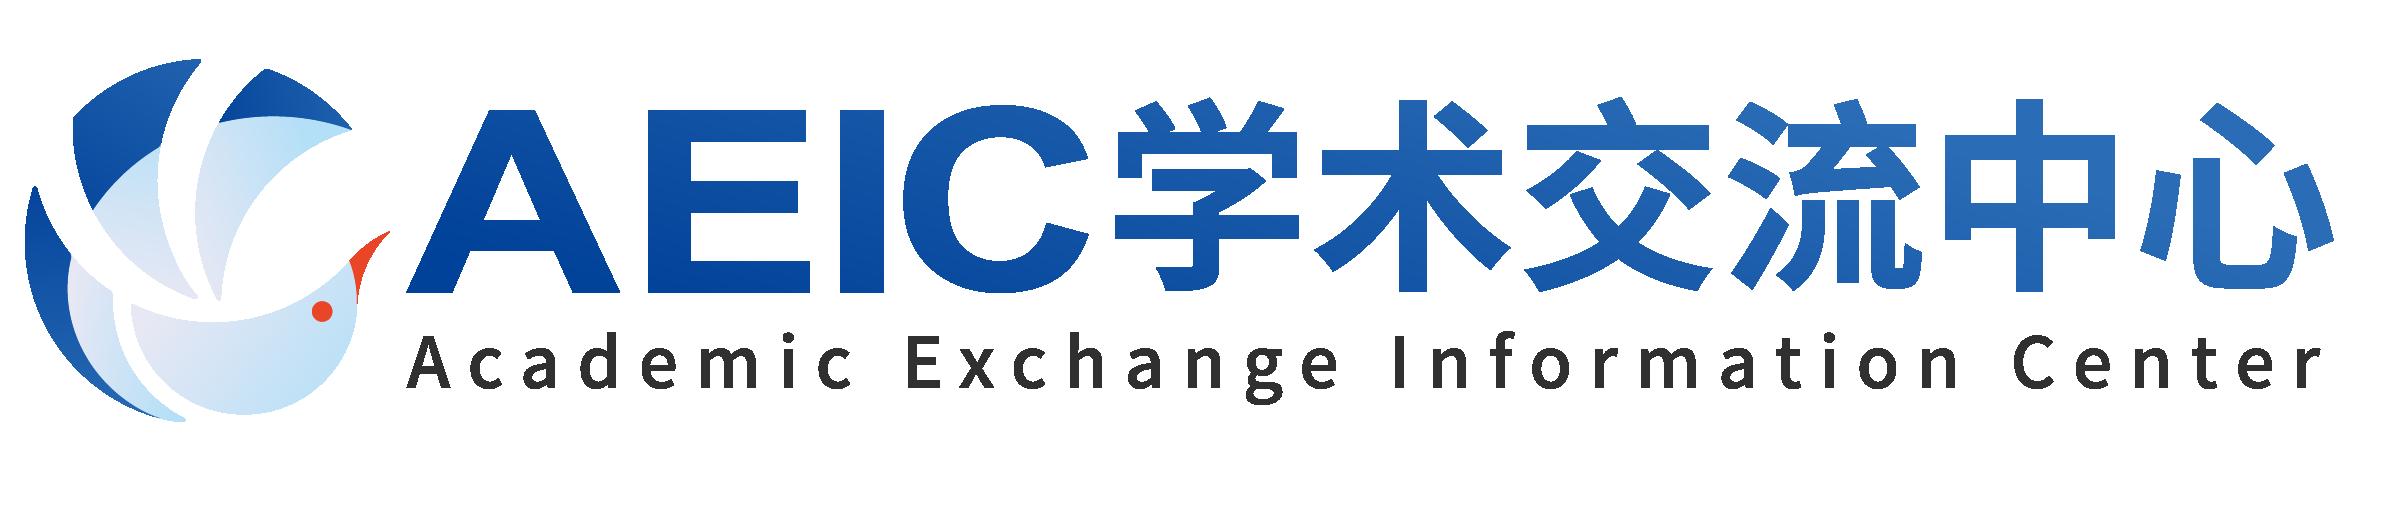 AEIC标志与中英文全称组合.png